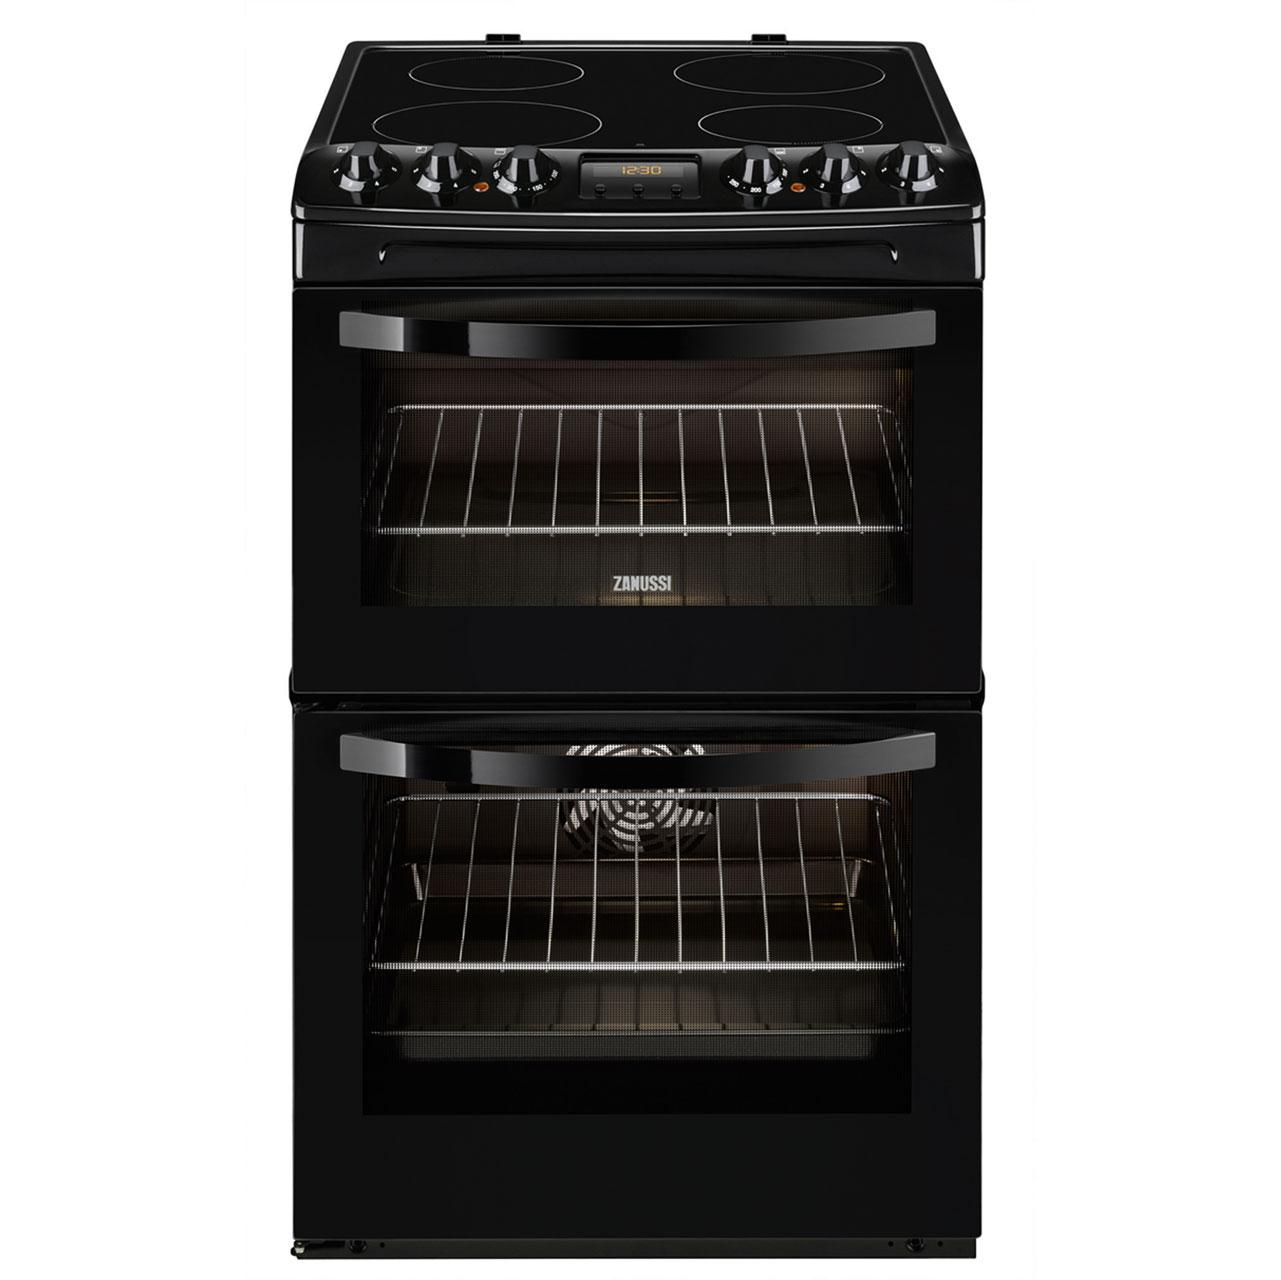 Zanussi Avanti ZCV48300BA Free Standing Cooker in Black